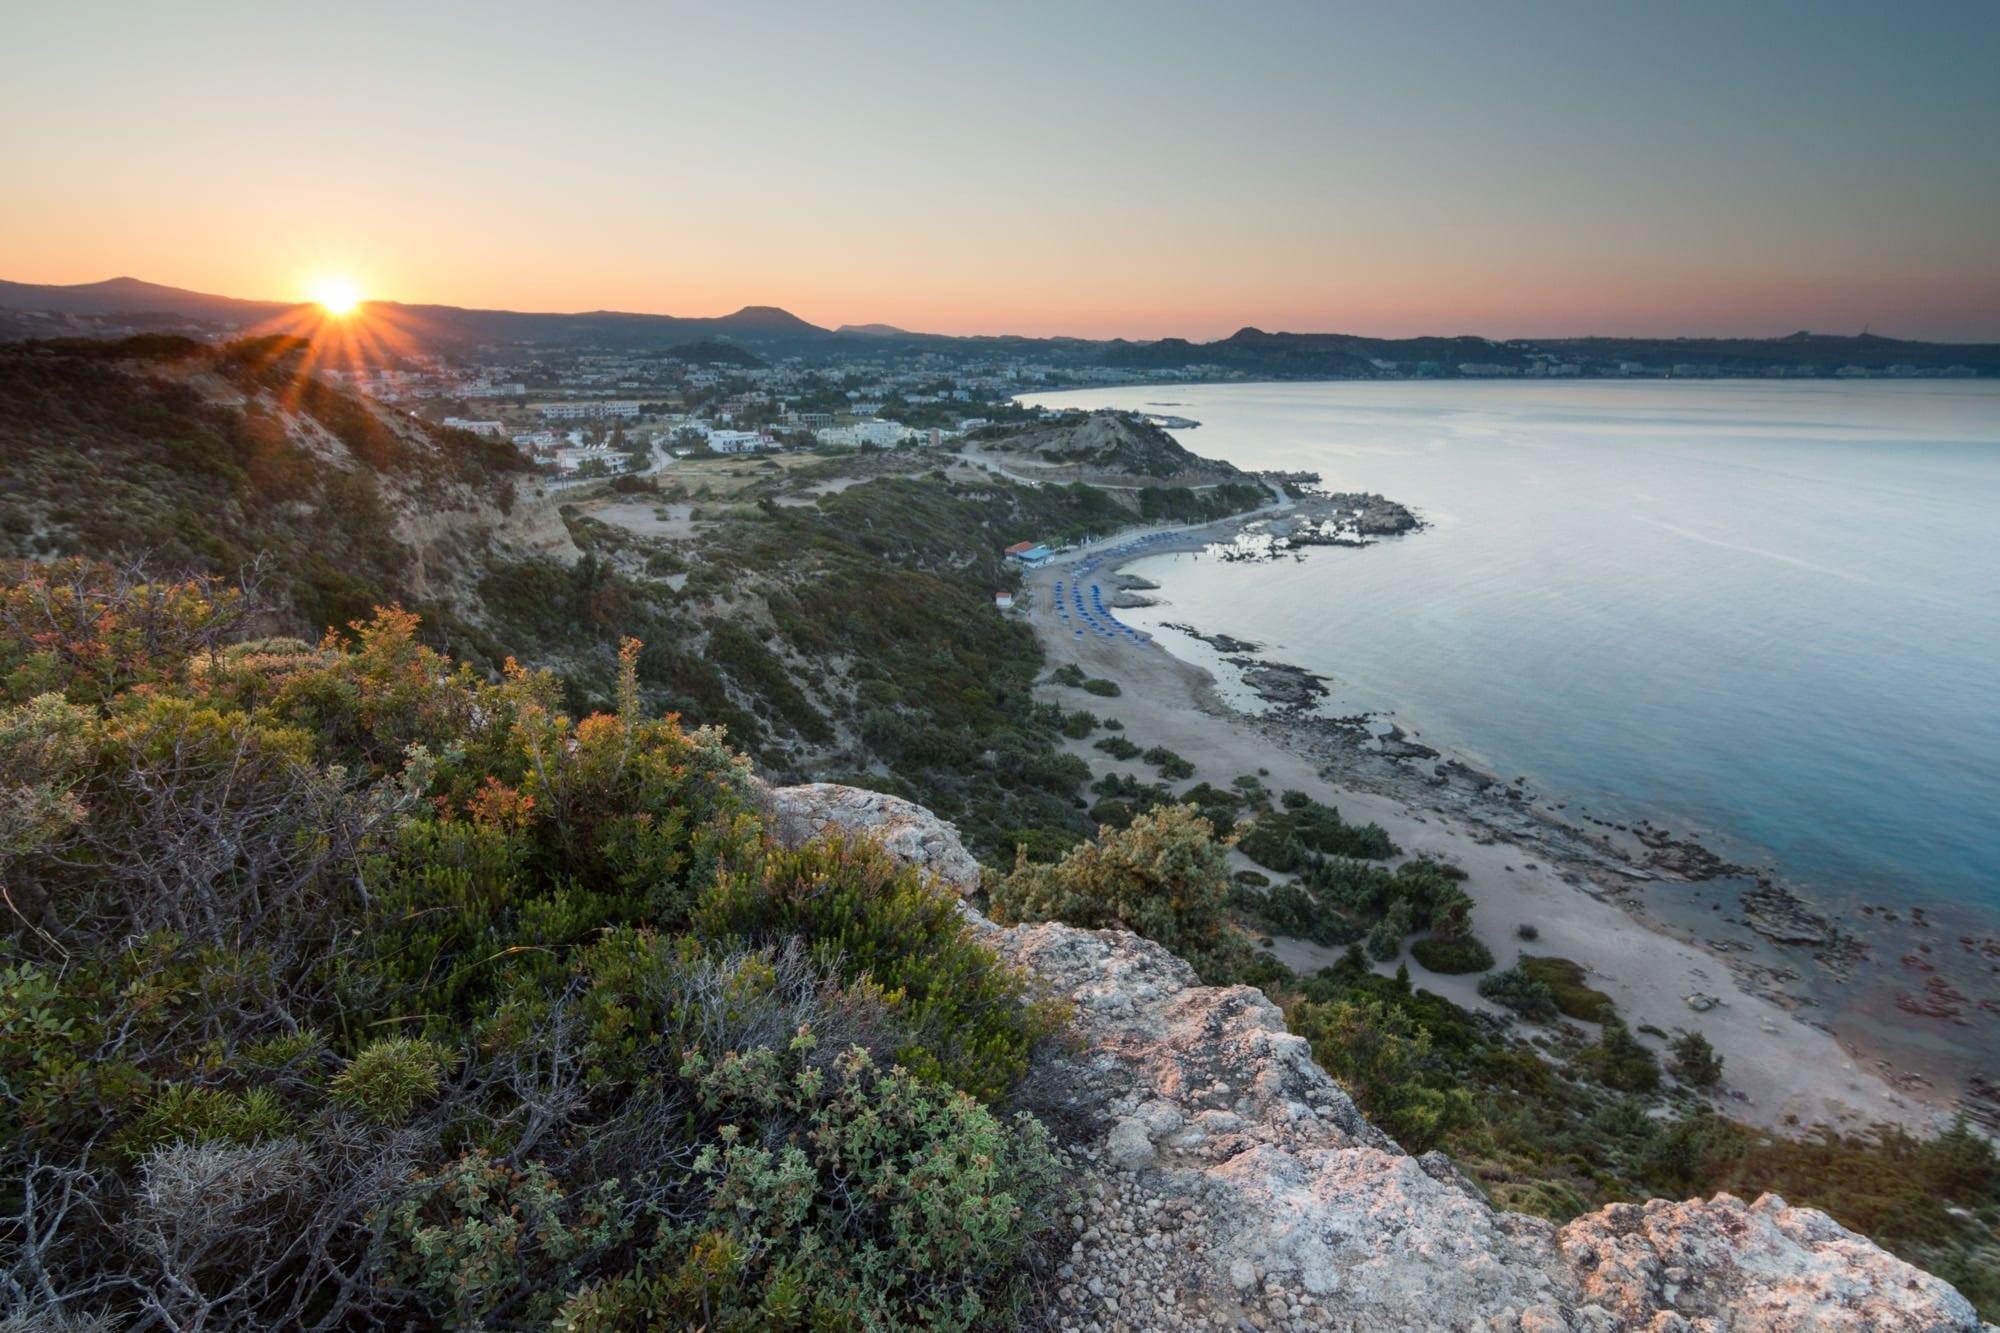 Faliraki Cliff Sunset - Greece Photography